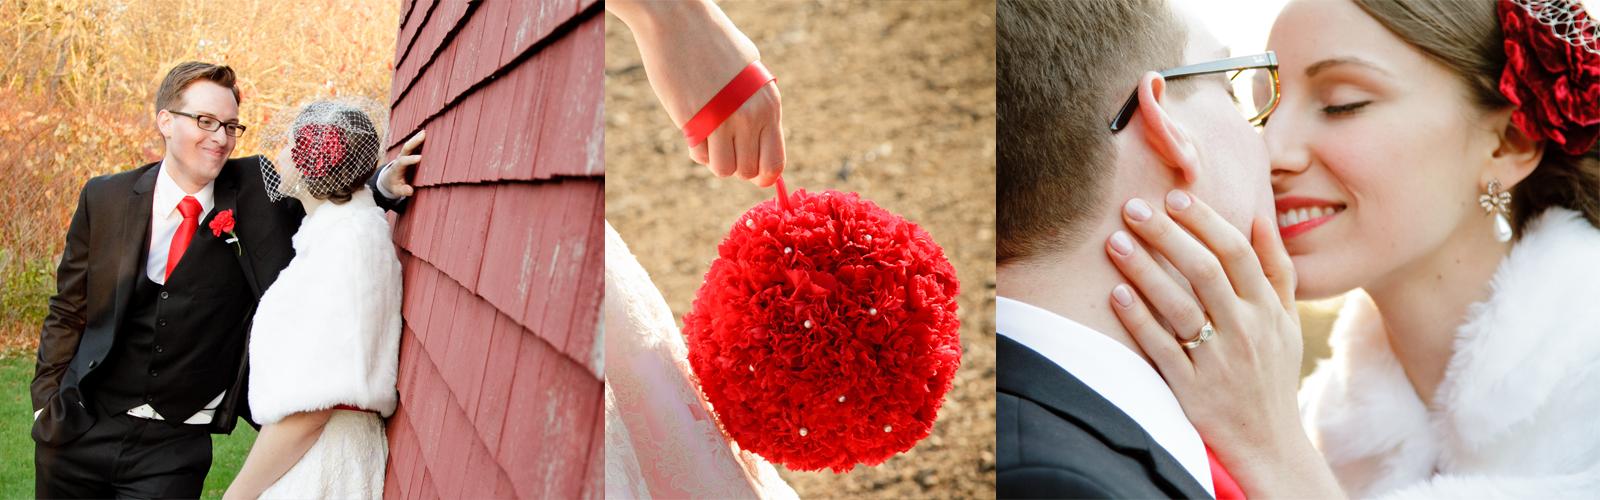 Slide 0 | Steven Miller Photography | Rockport Massachusetts Wedding Photographers